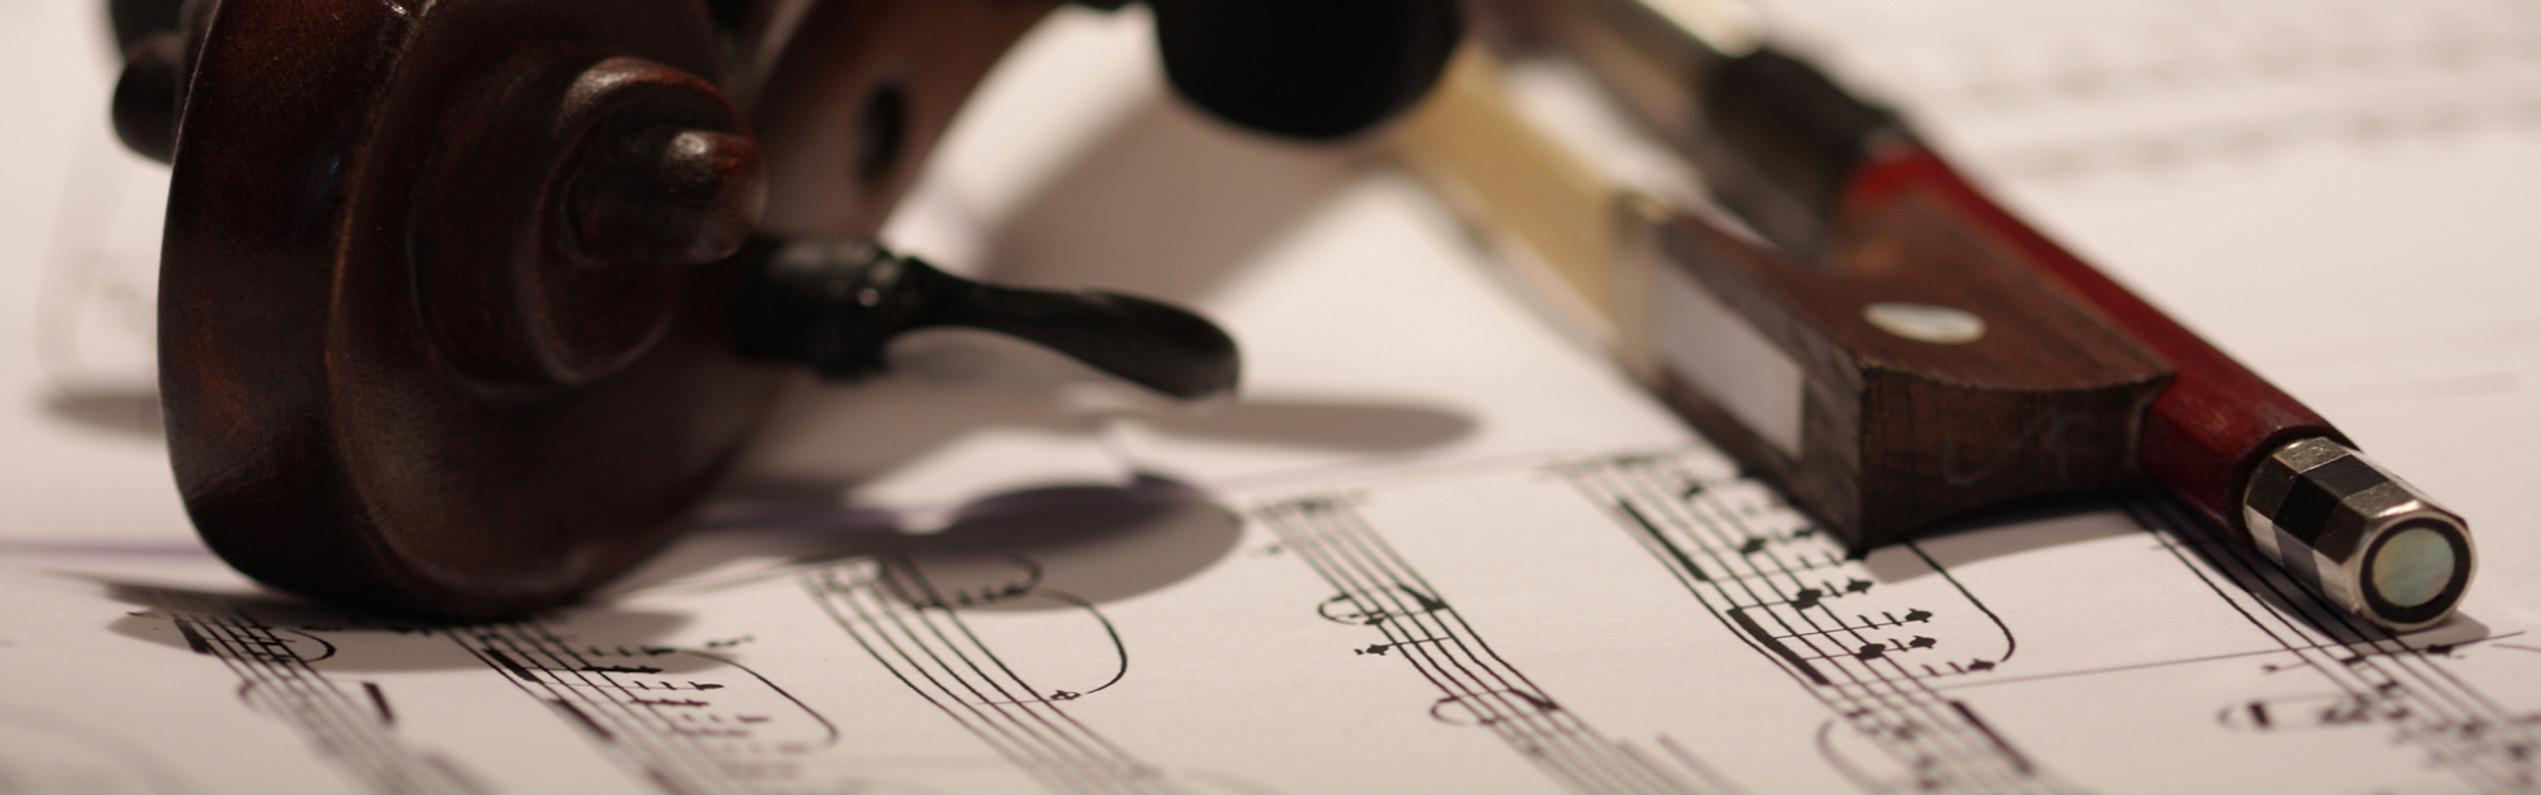 Old violin_v2.jpg